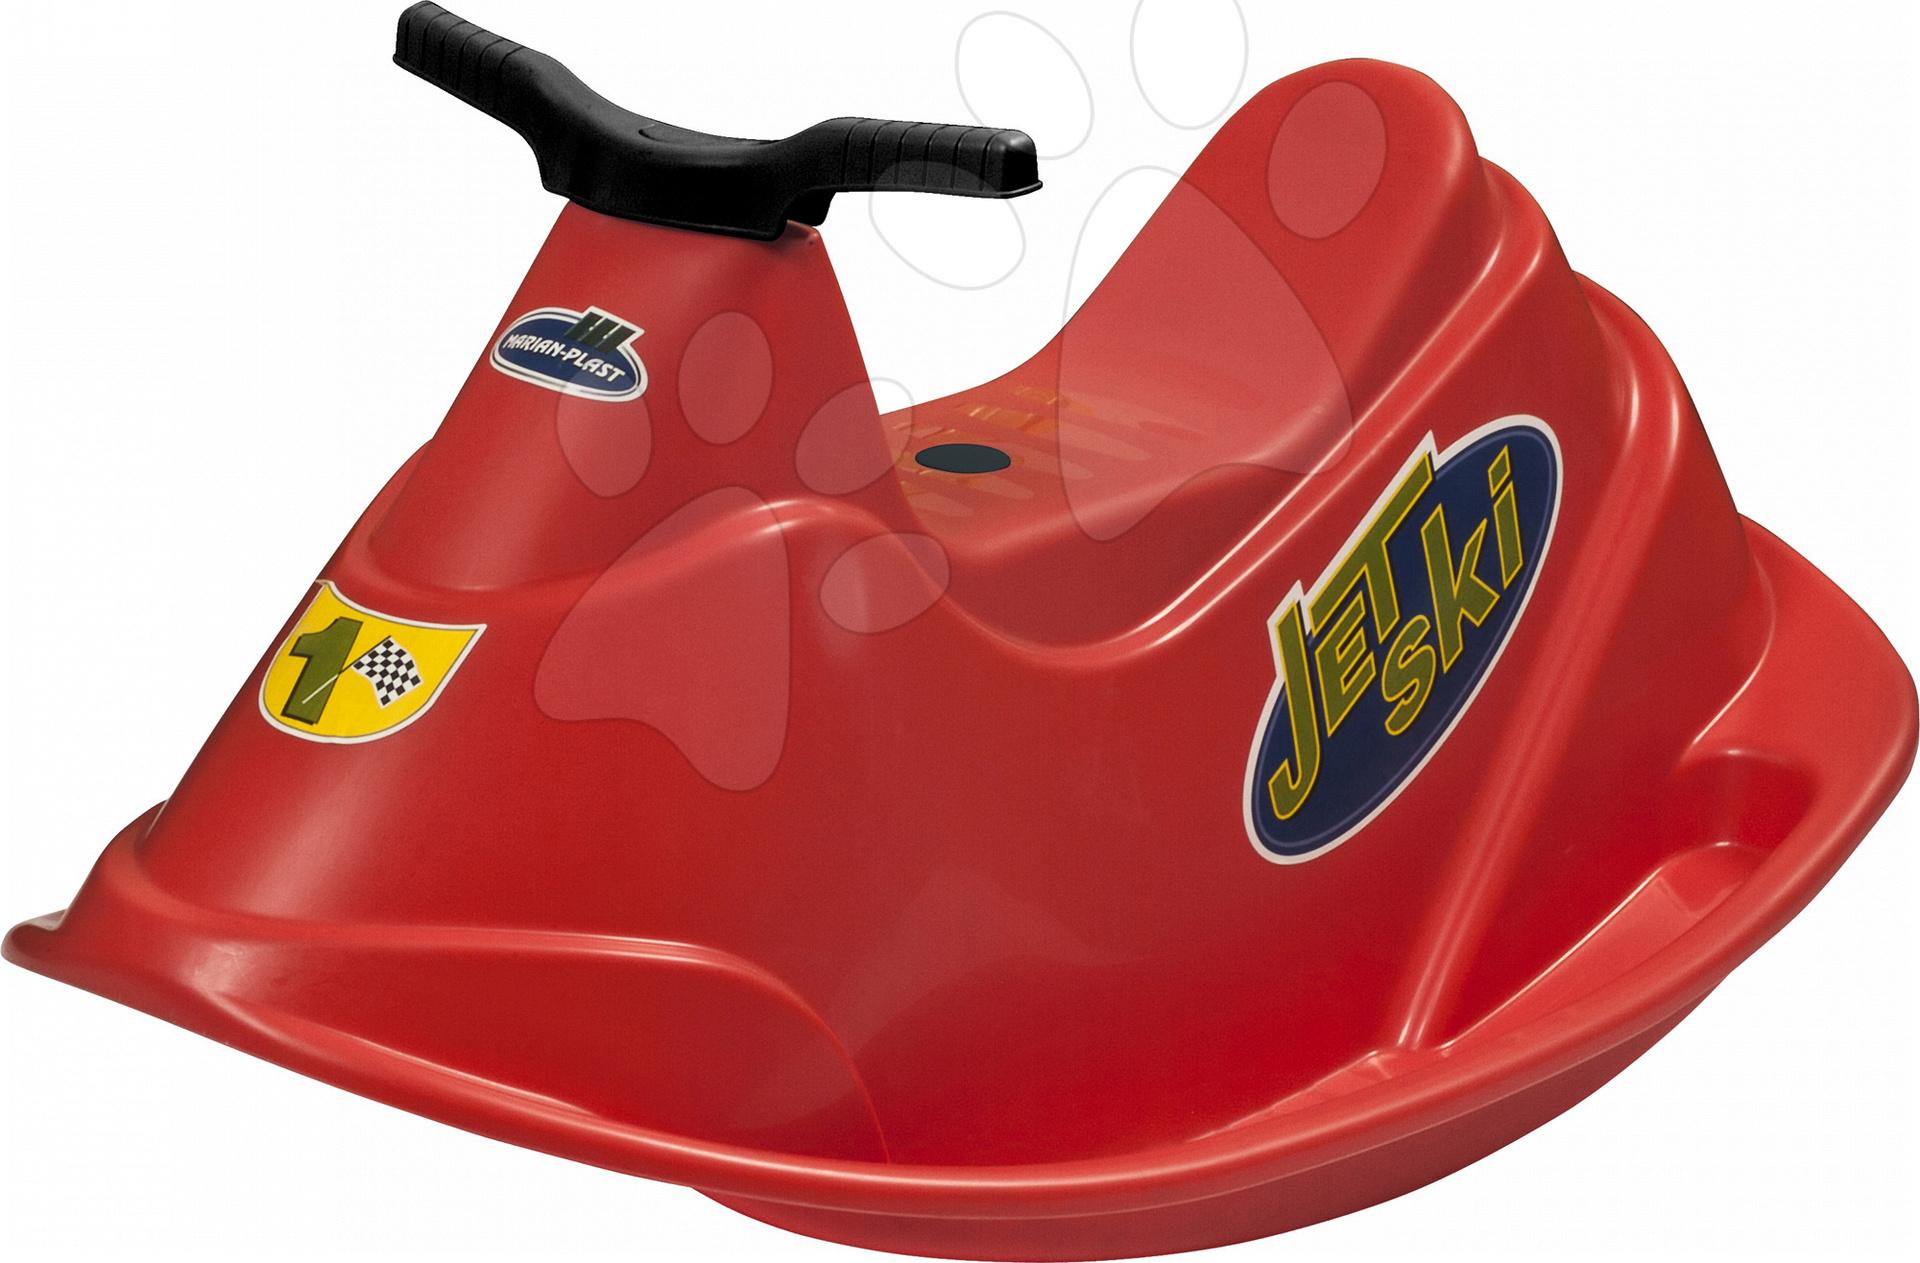 Houpačka skútr Jet Ski PalPlay červená